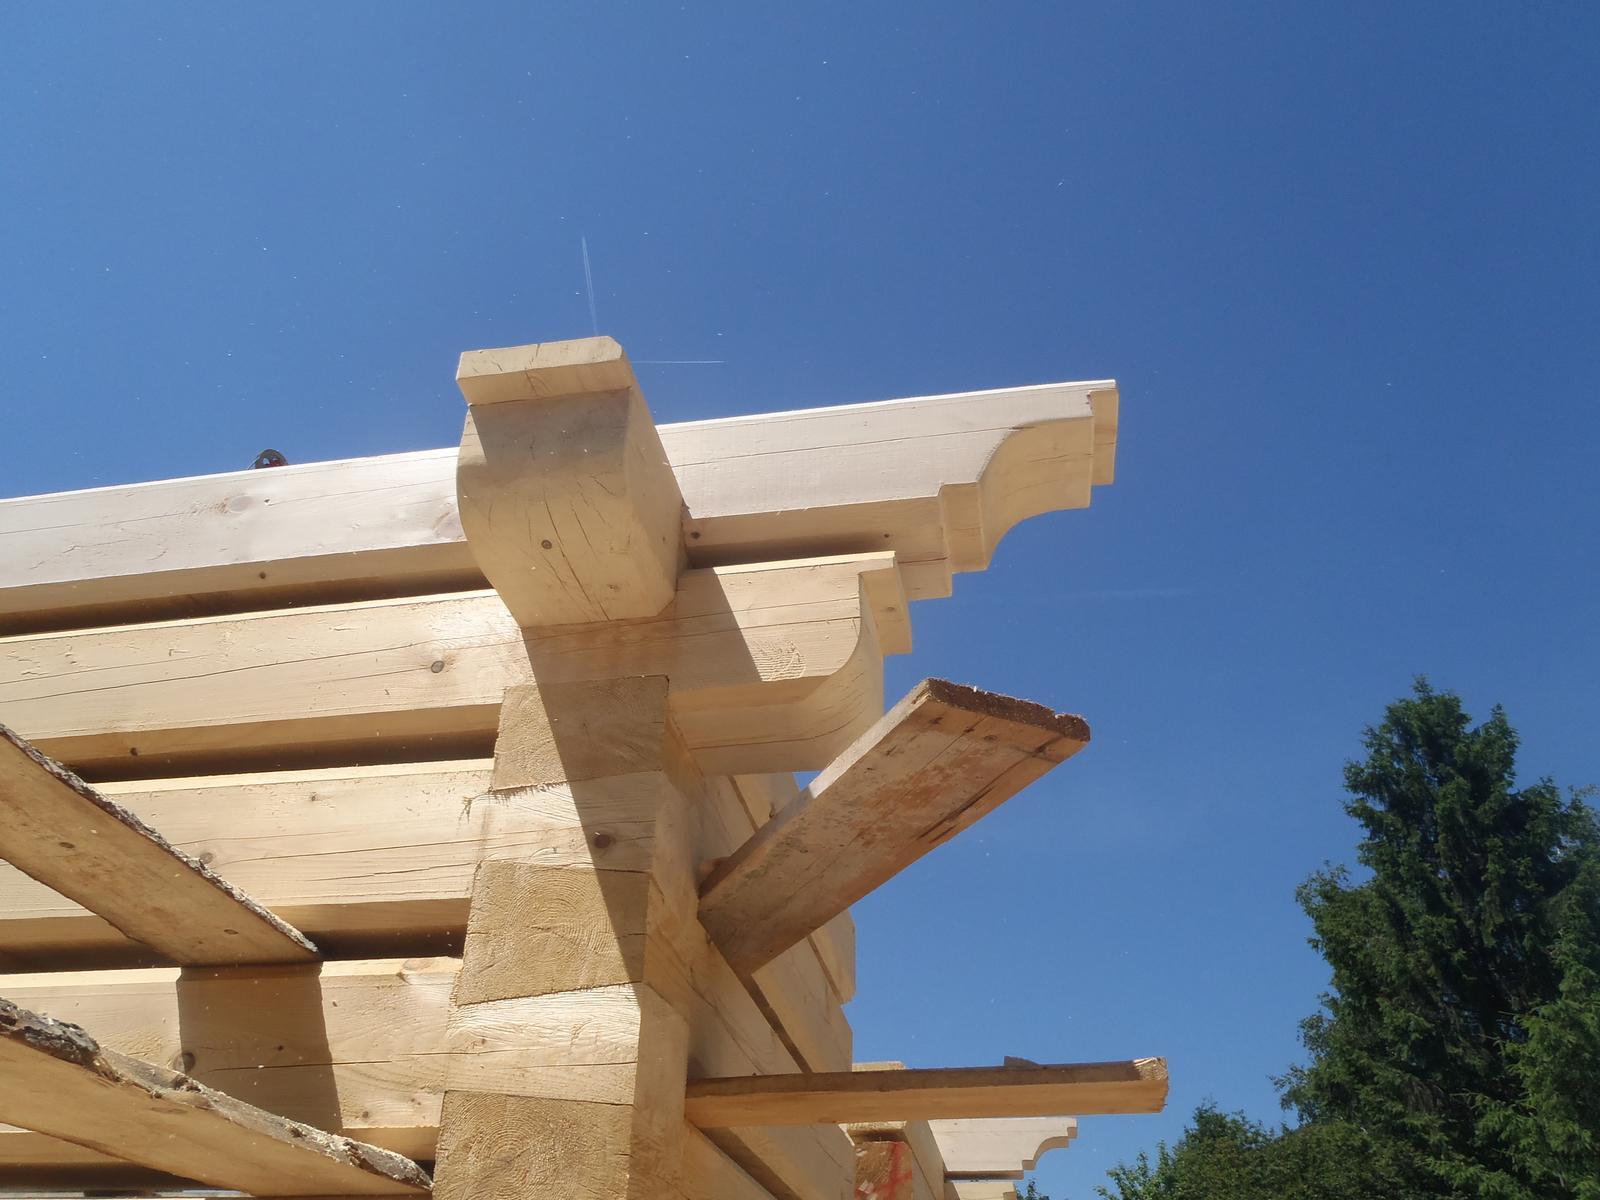 Náš veľký sen o drevenom domčeku! - Obrázok č. 80